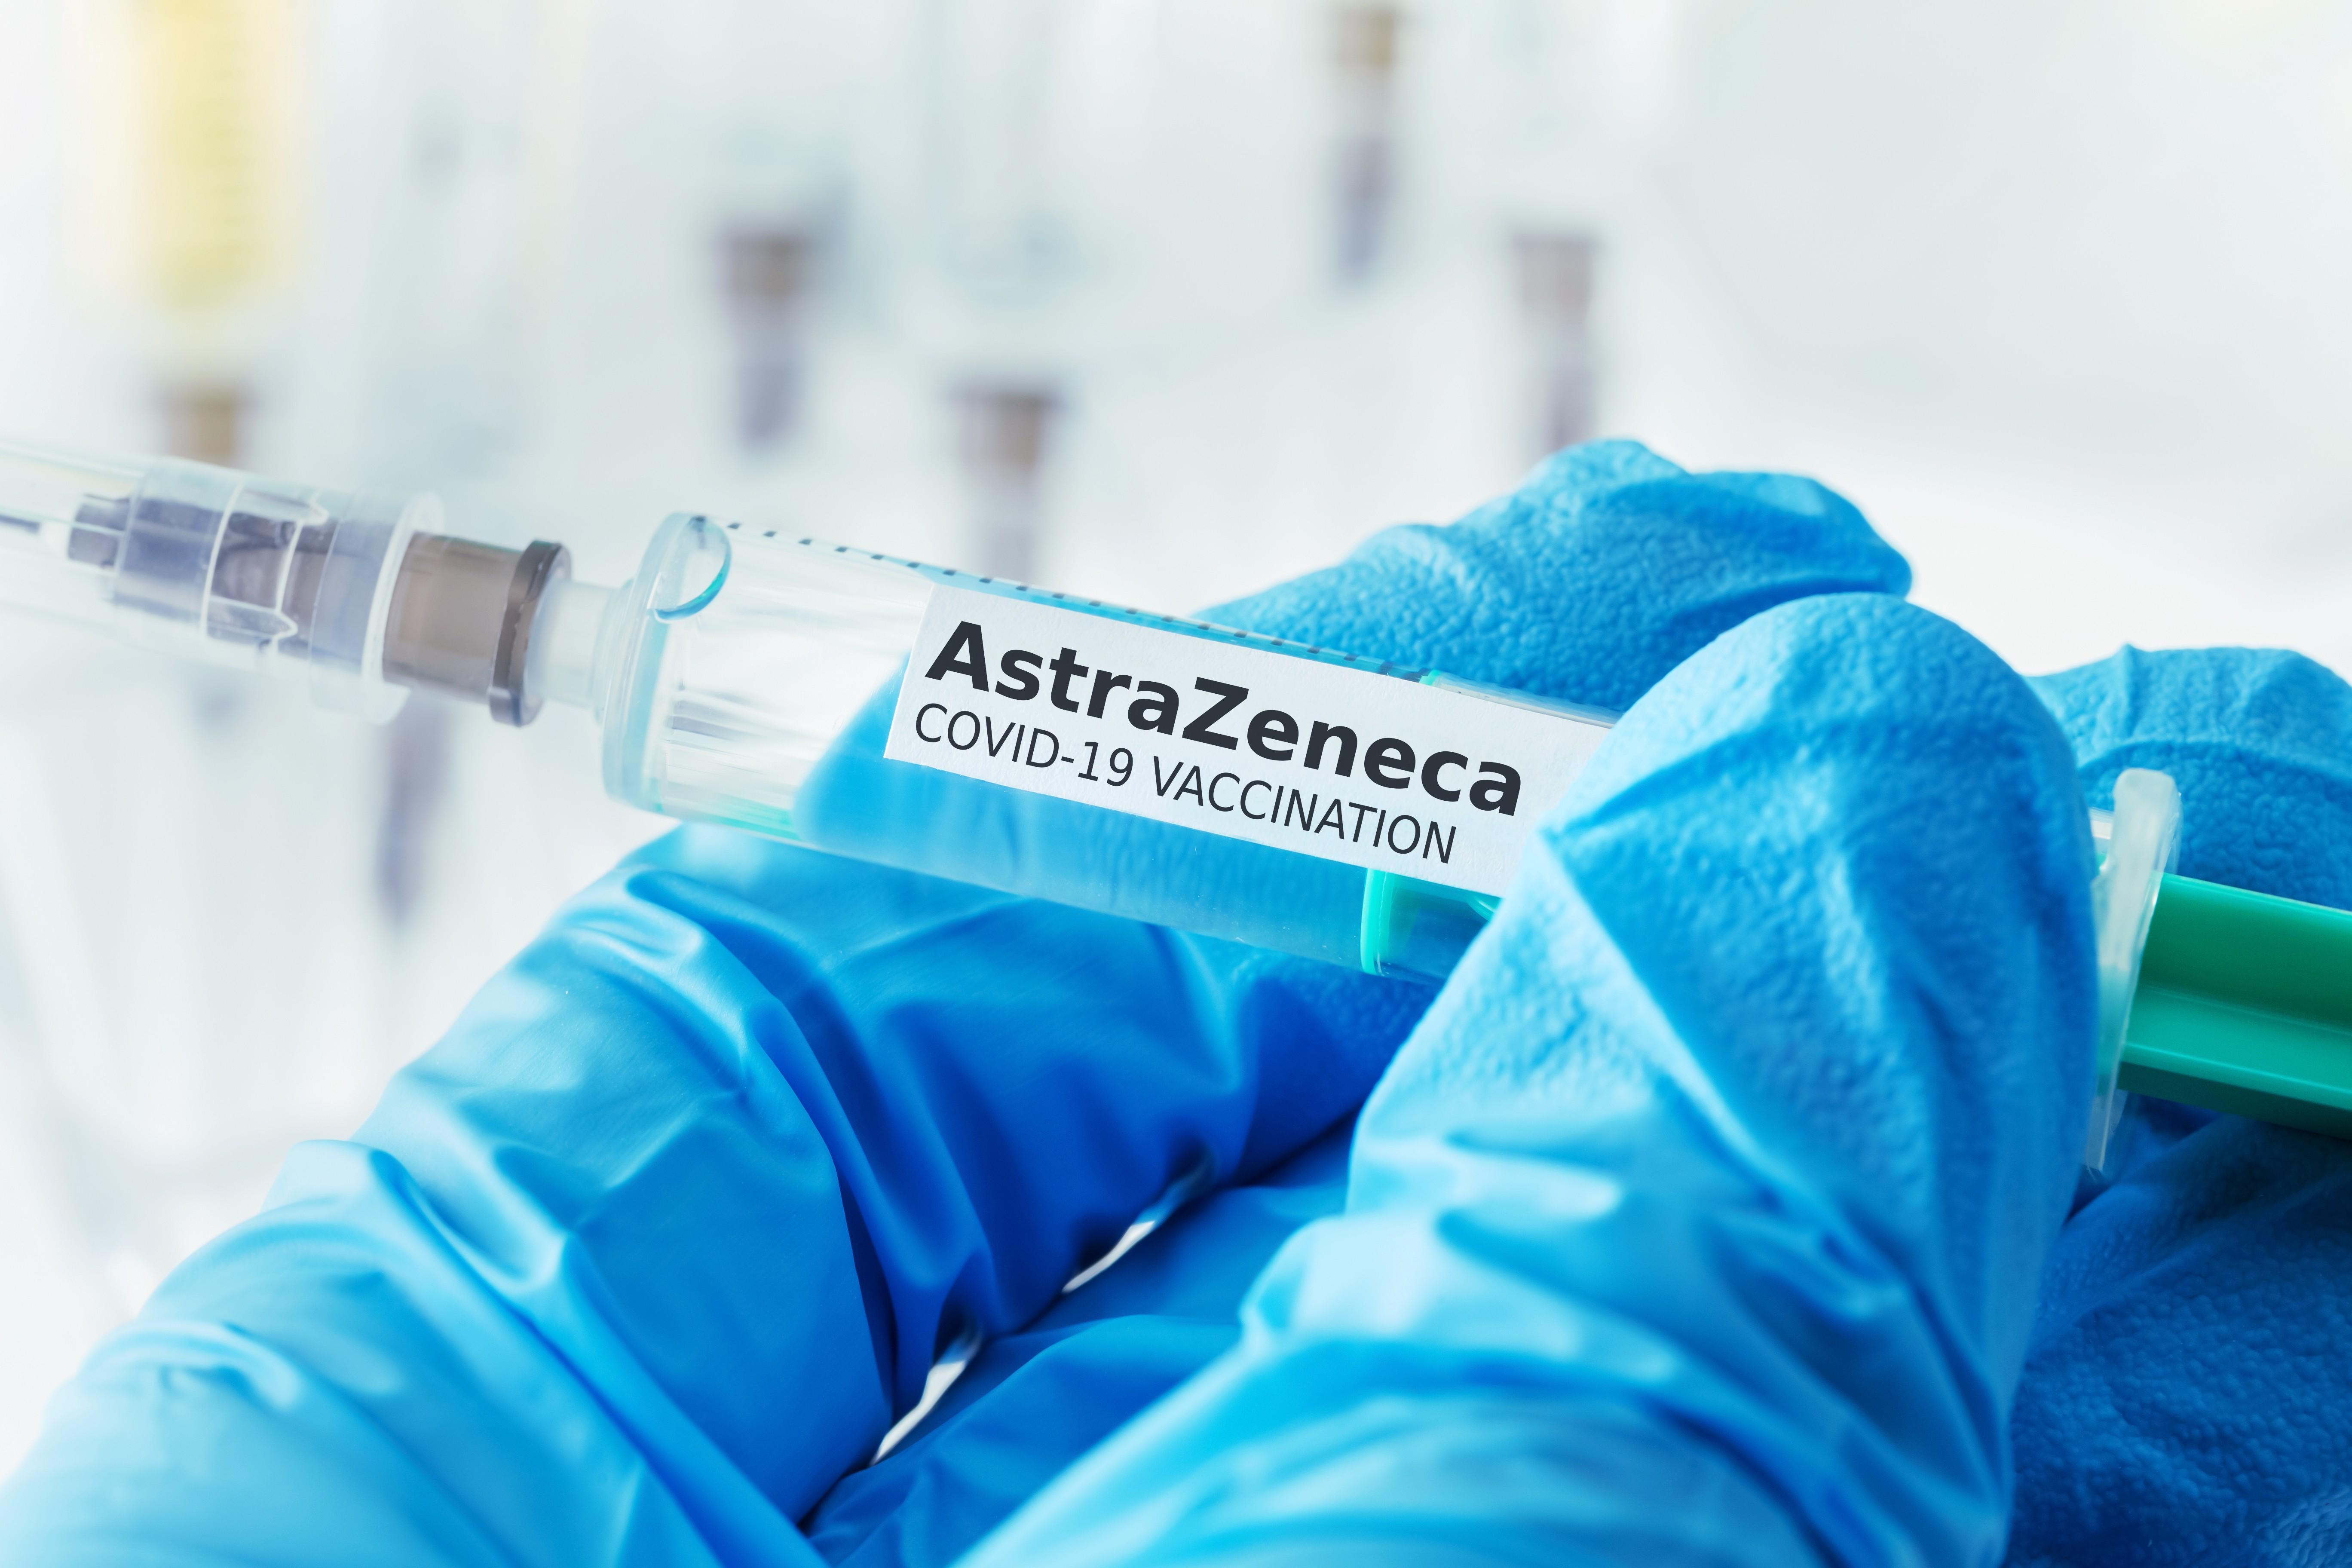 De astăzi, vaccinarea cu AstraZeneca se poate face fără programare în centrele care au locuri disponibile